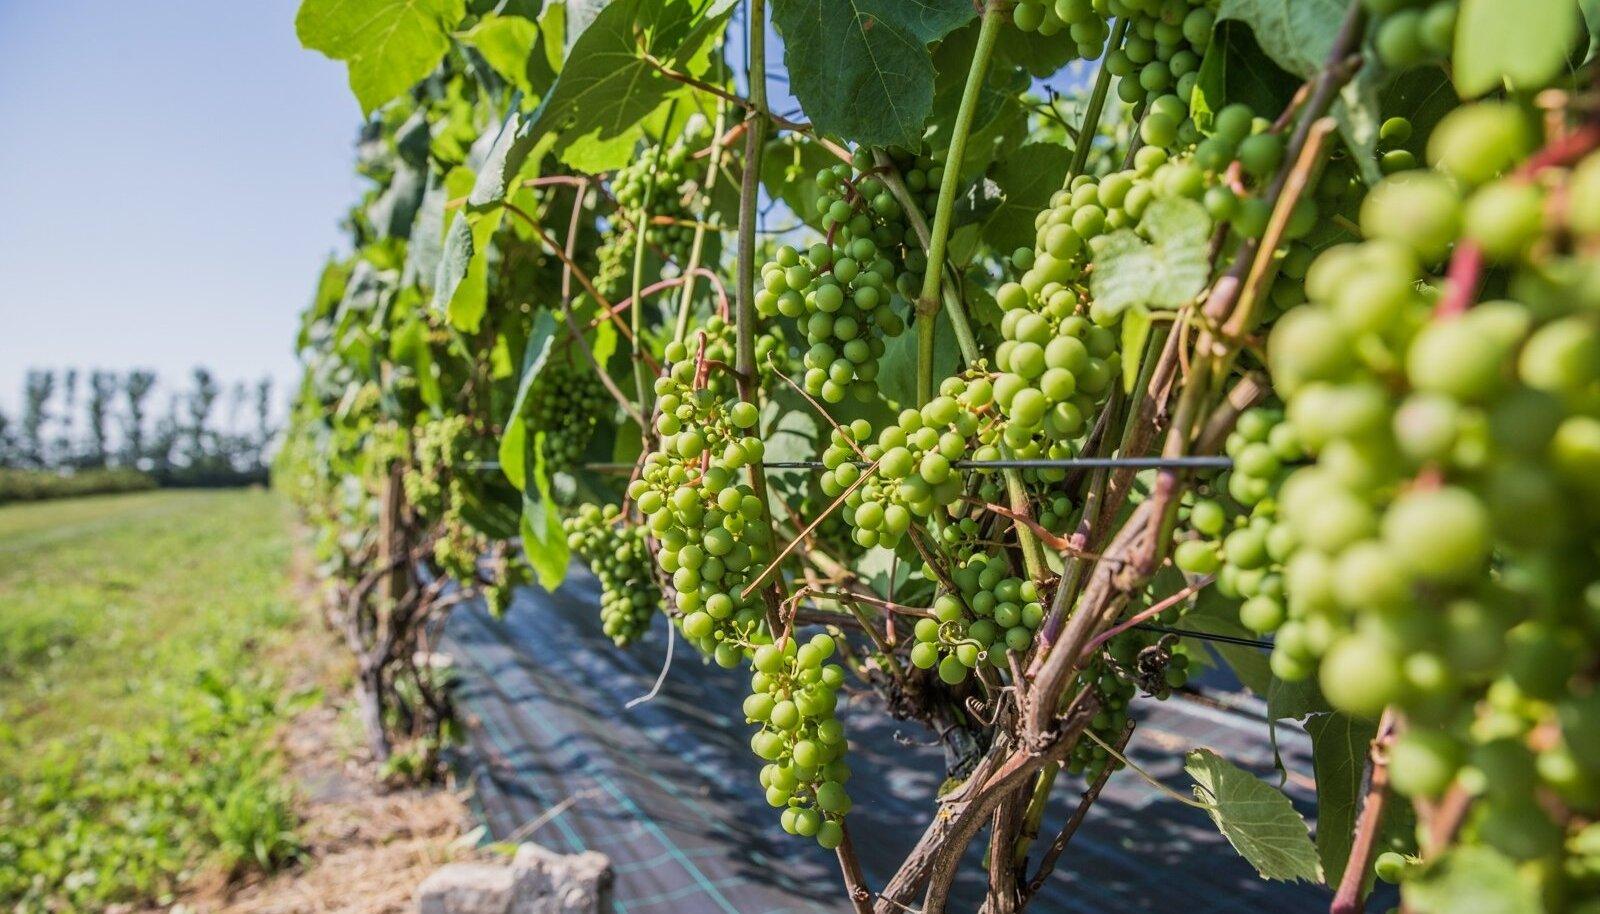 Maaülikooli Rõhu katseaiandi viinamarjad